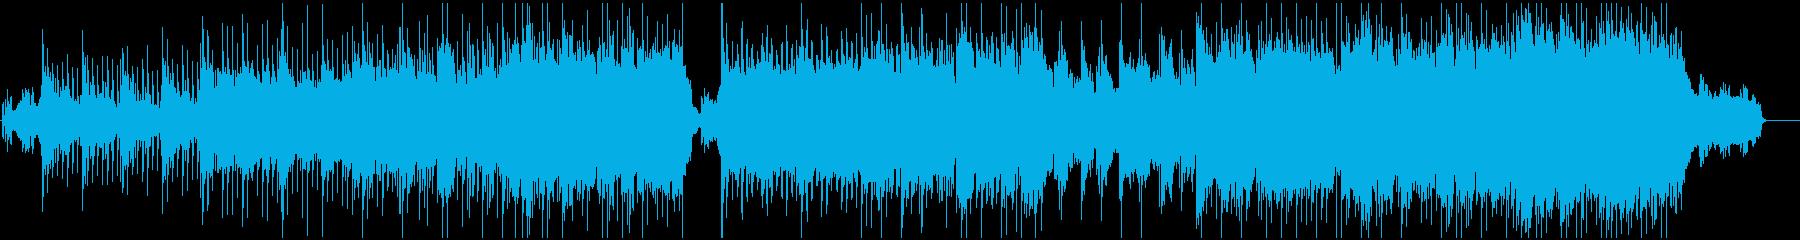 旅や物事の「始まり」 明るいVP向き曲の再生済みの波形